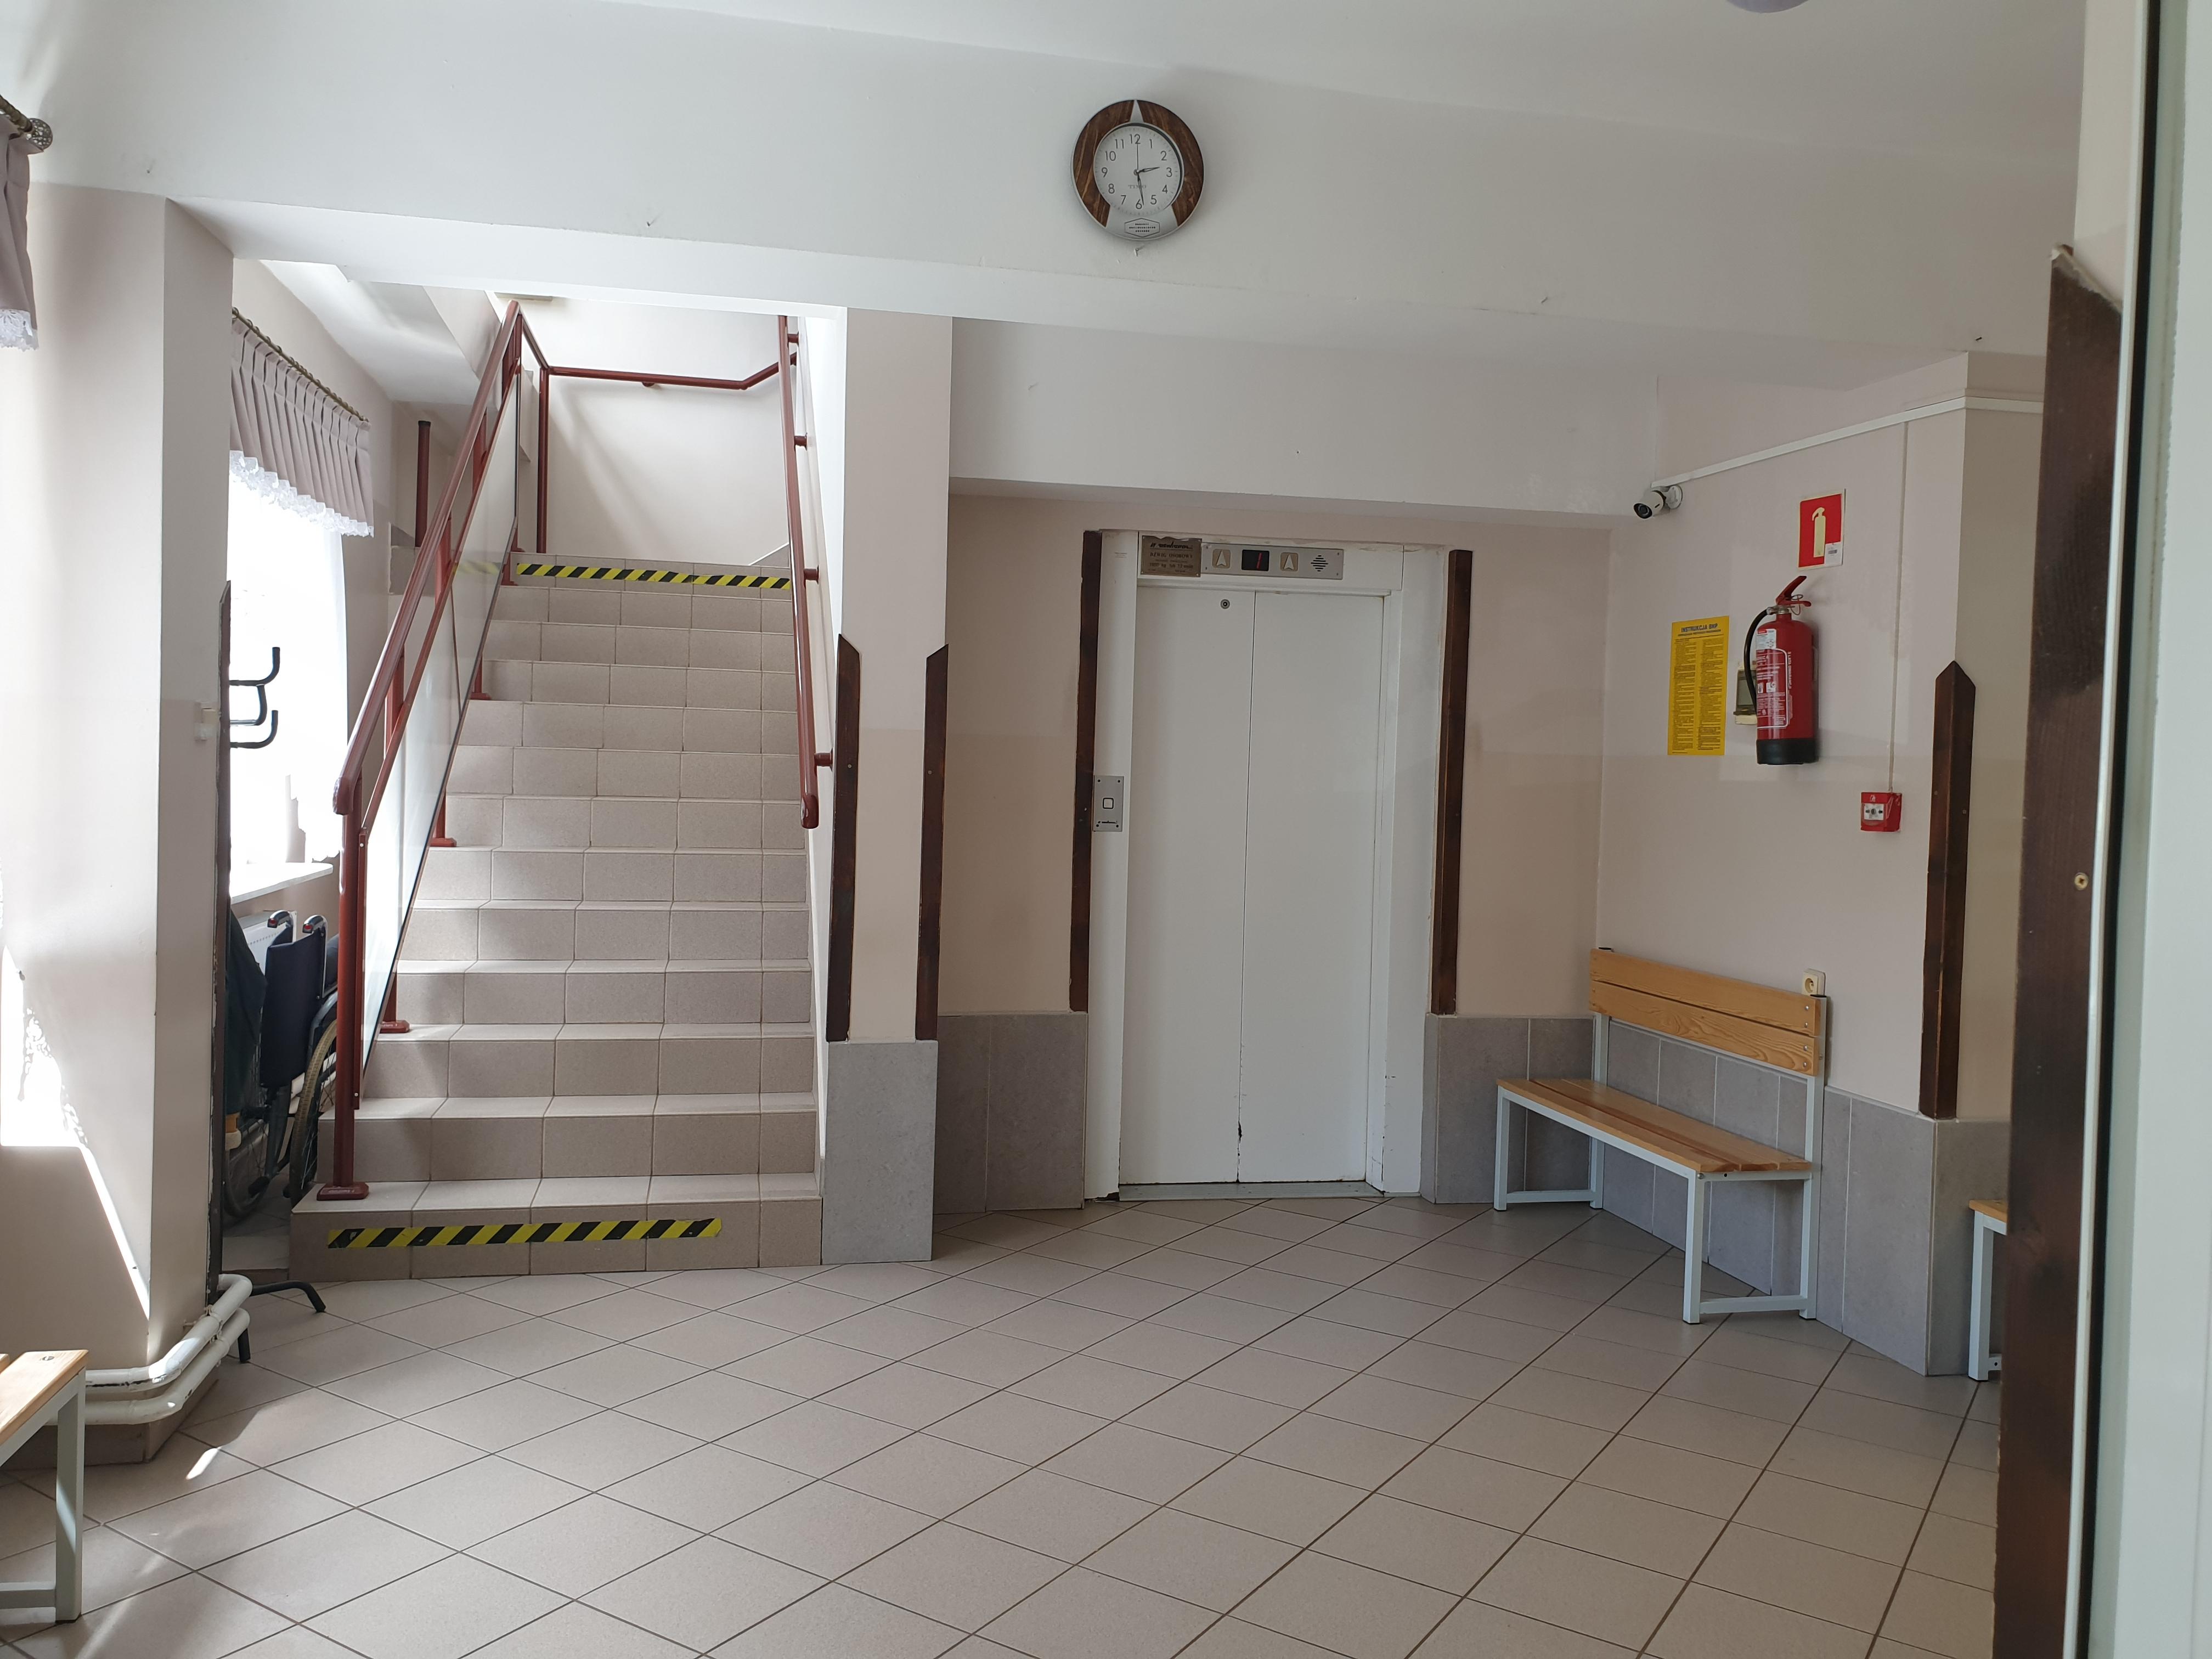 Korytarz główny z klatką schodową i windą